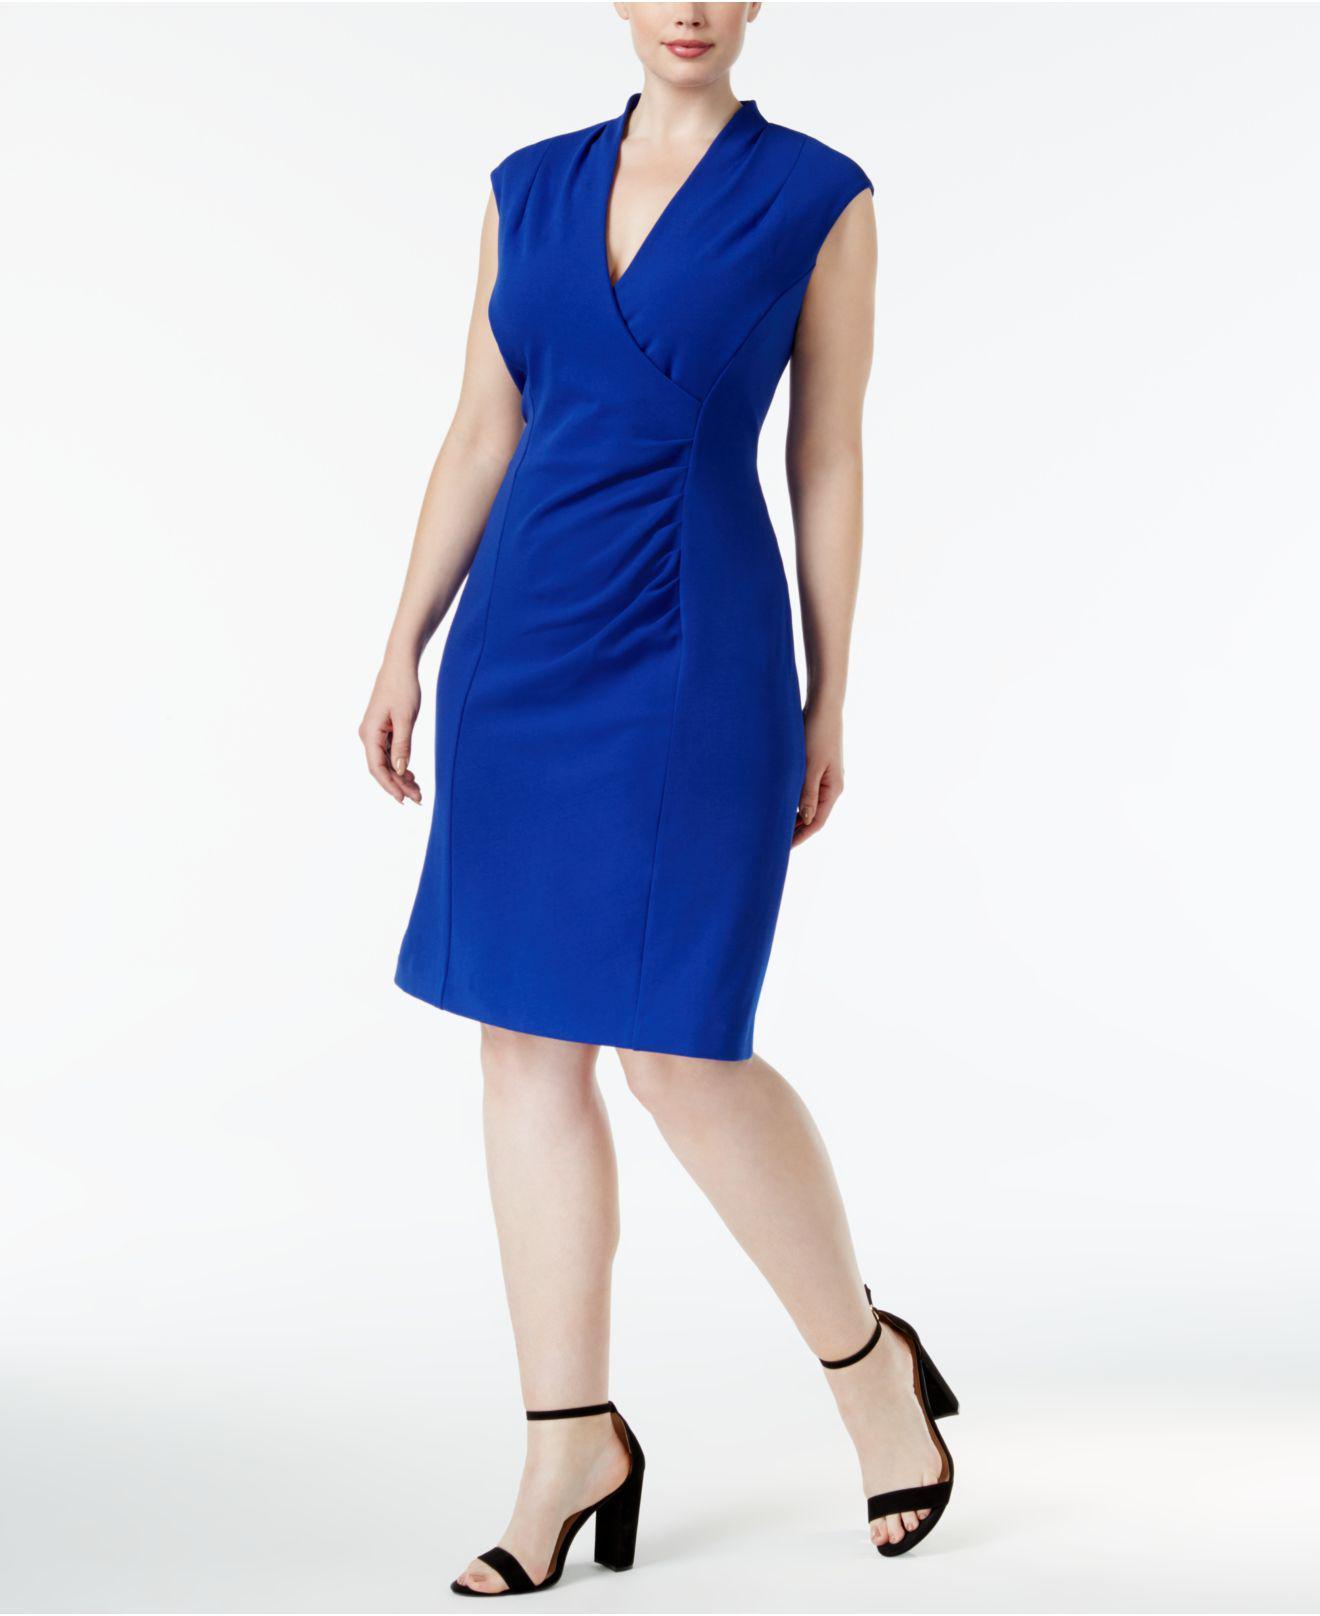 21649c44ea Lyst - Calvin Klein Plus Size Ruched Scuba Crepe Dress in Blue